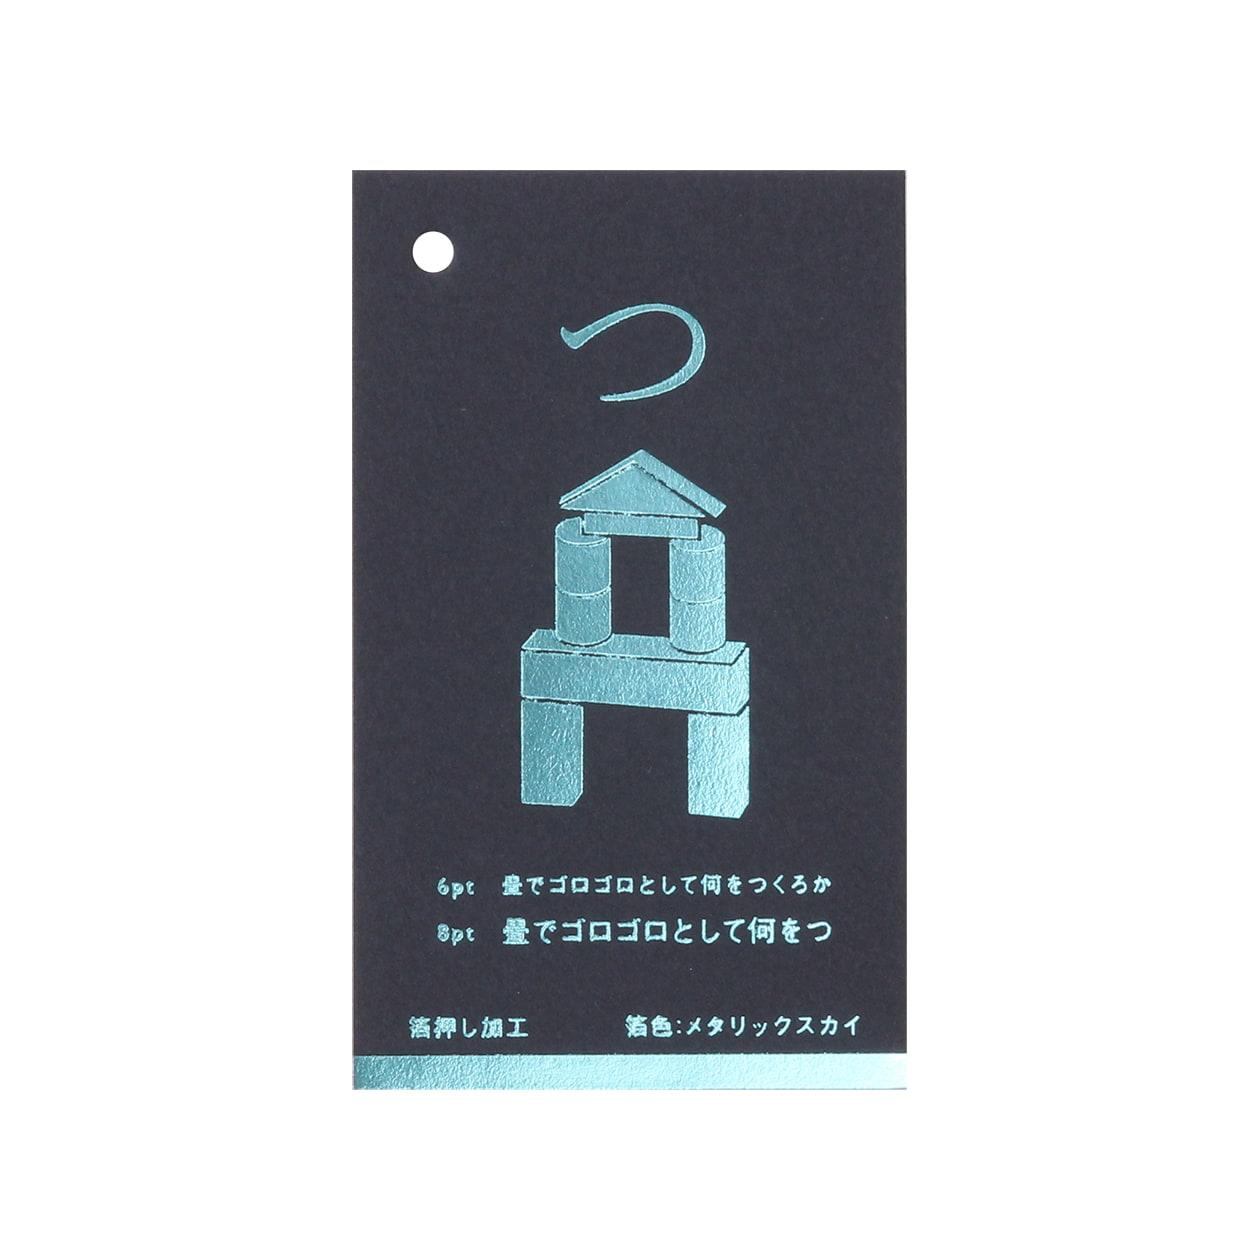 箔色見本 00201 メタリックスカイ箔 コットンミッドナイトブルー 291g